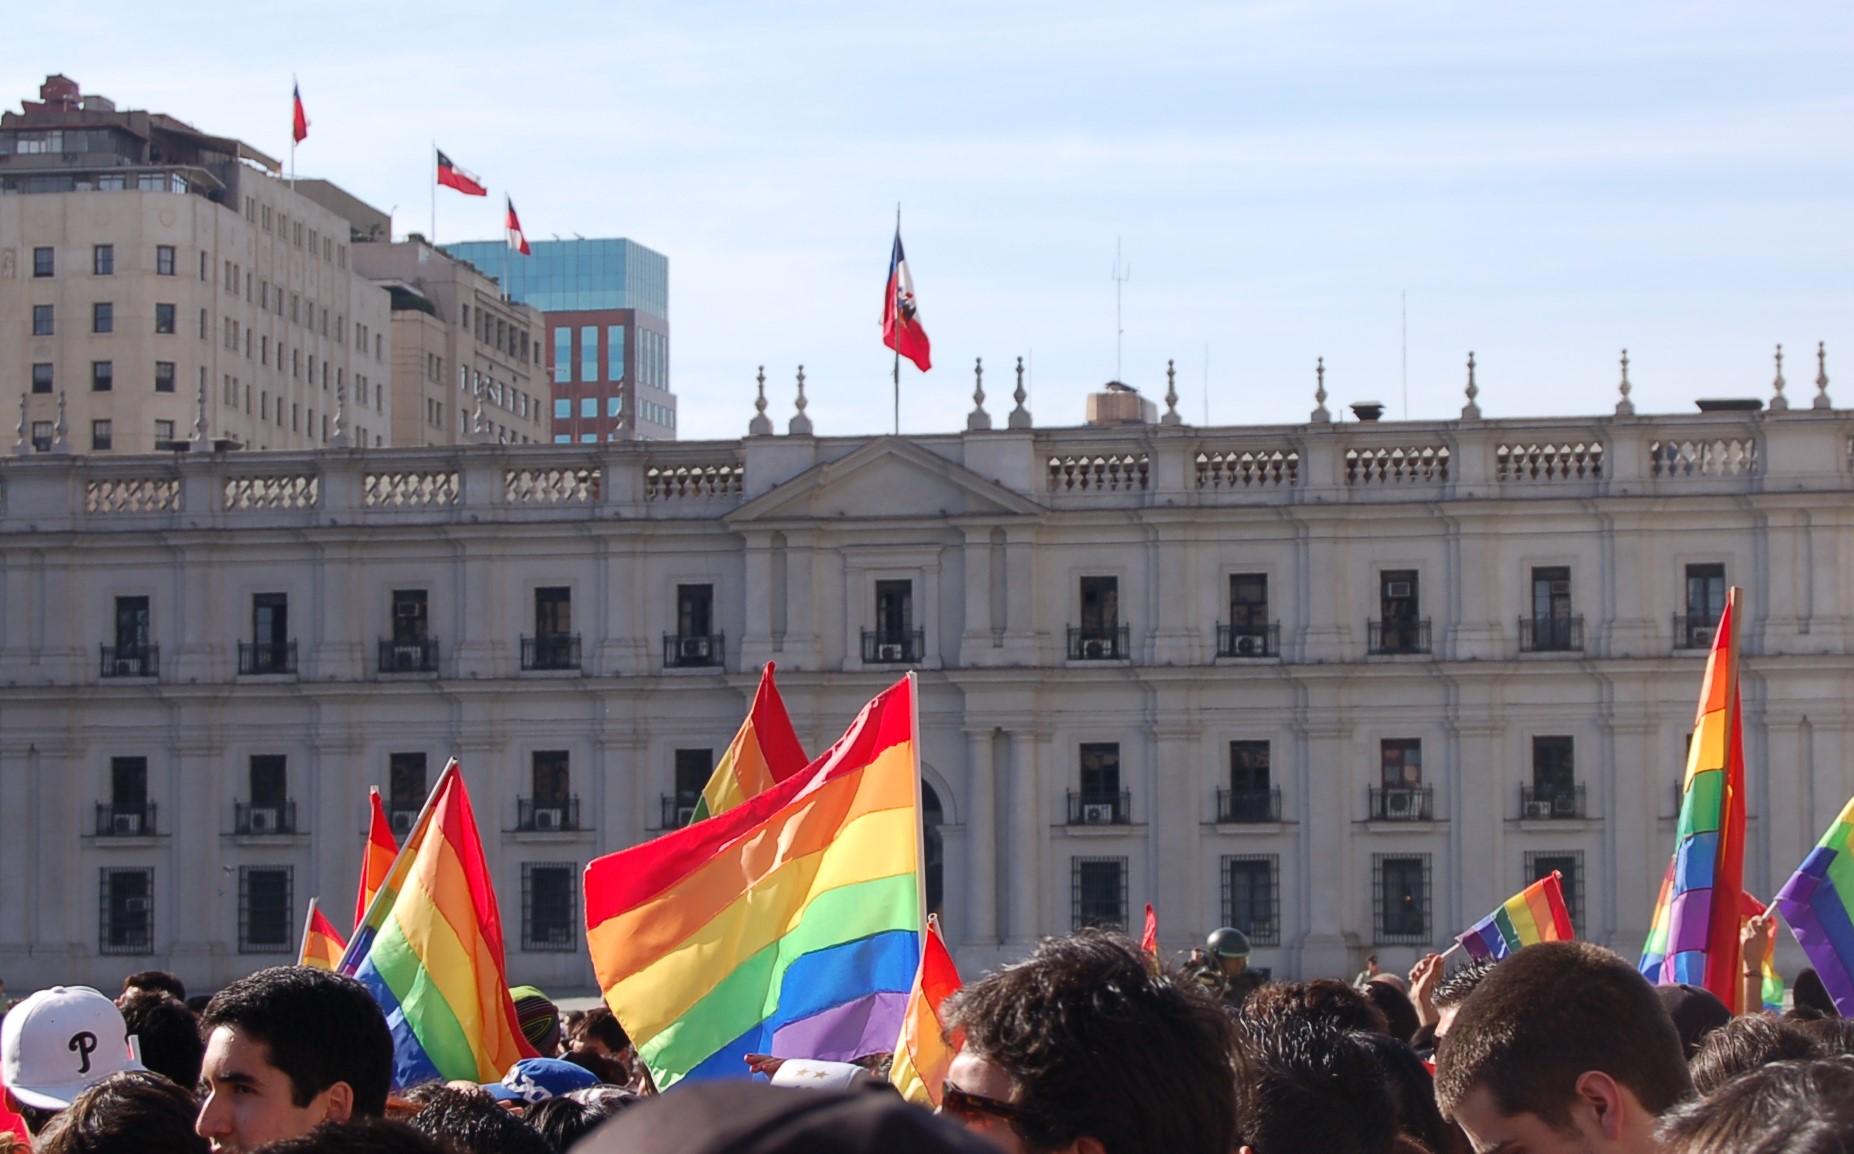 Día contra la Homofobia y la Transfobia: Instituciones izan este lunes la bandera de la diversidad